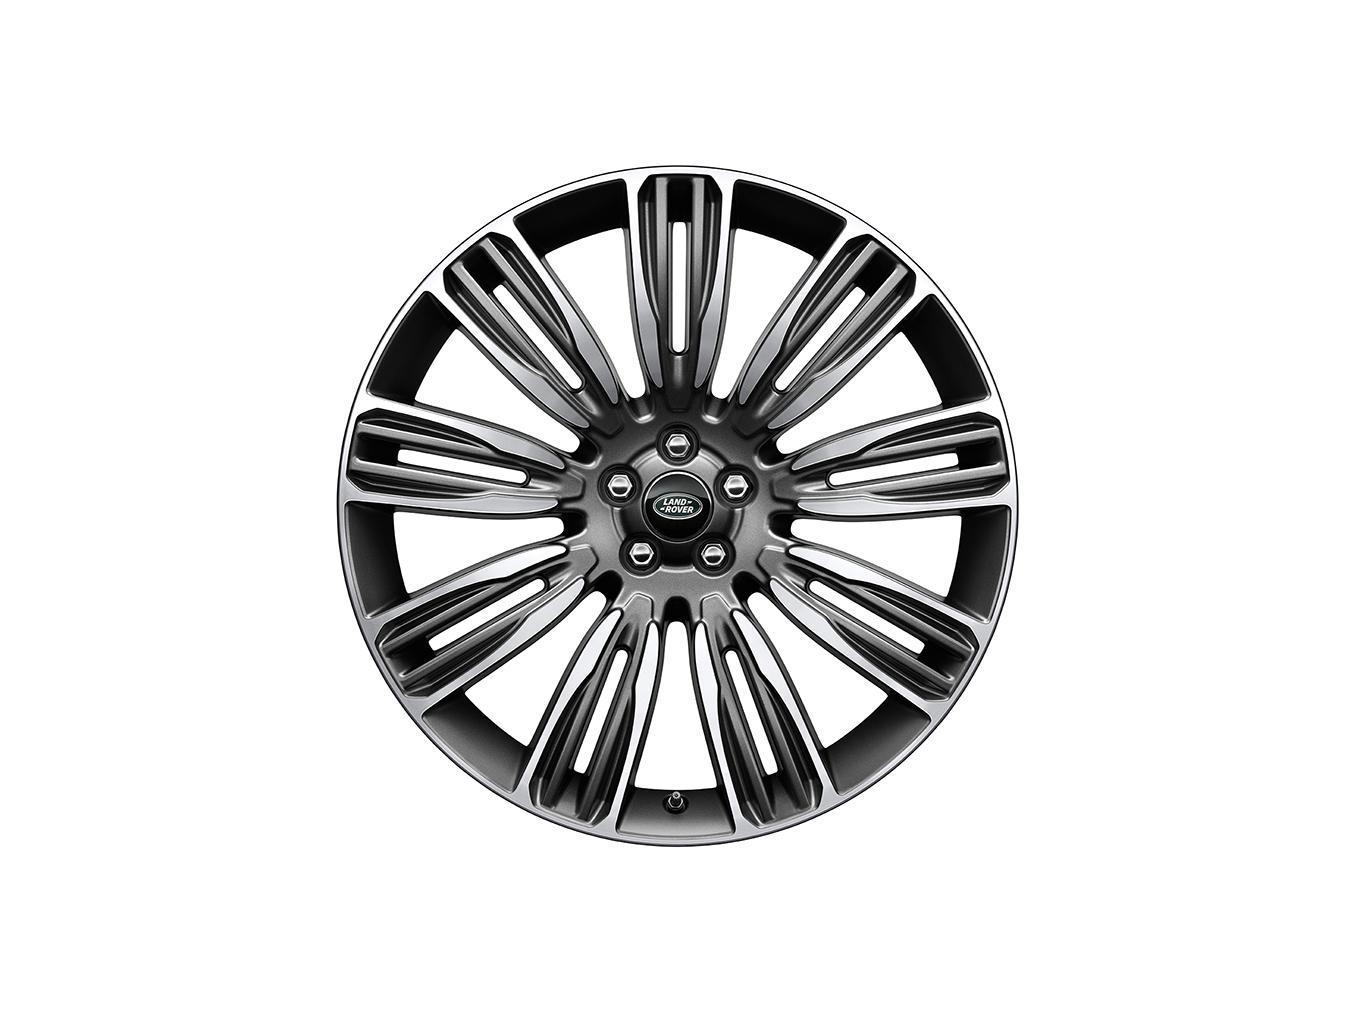 Колесный диск R22 Style 9007 Diamond Turned для Range Rover Velar